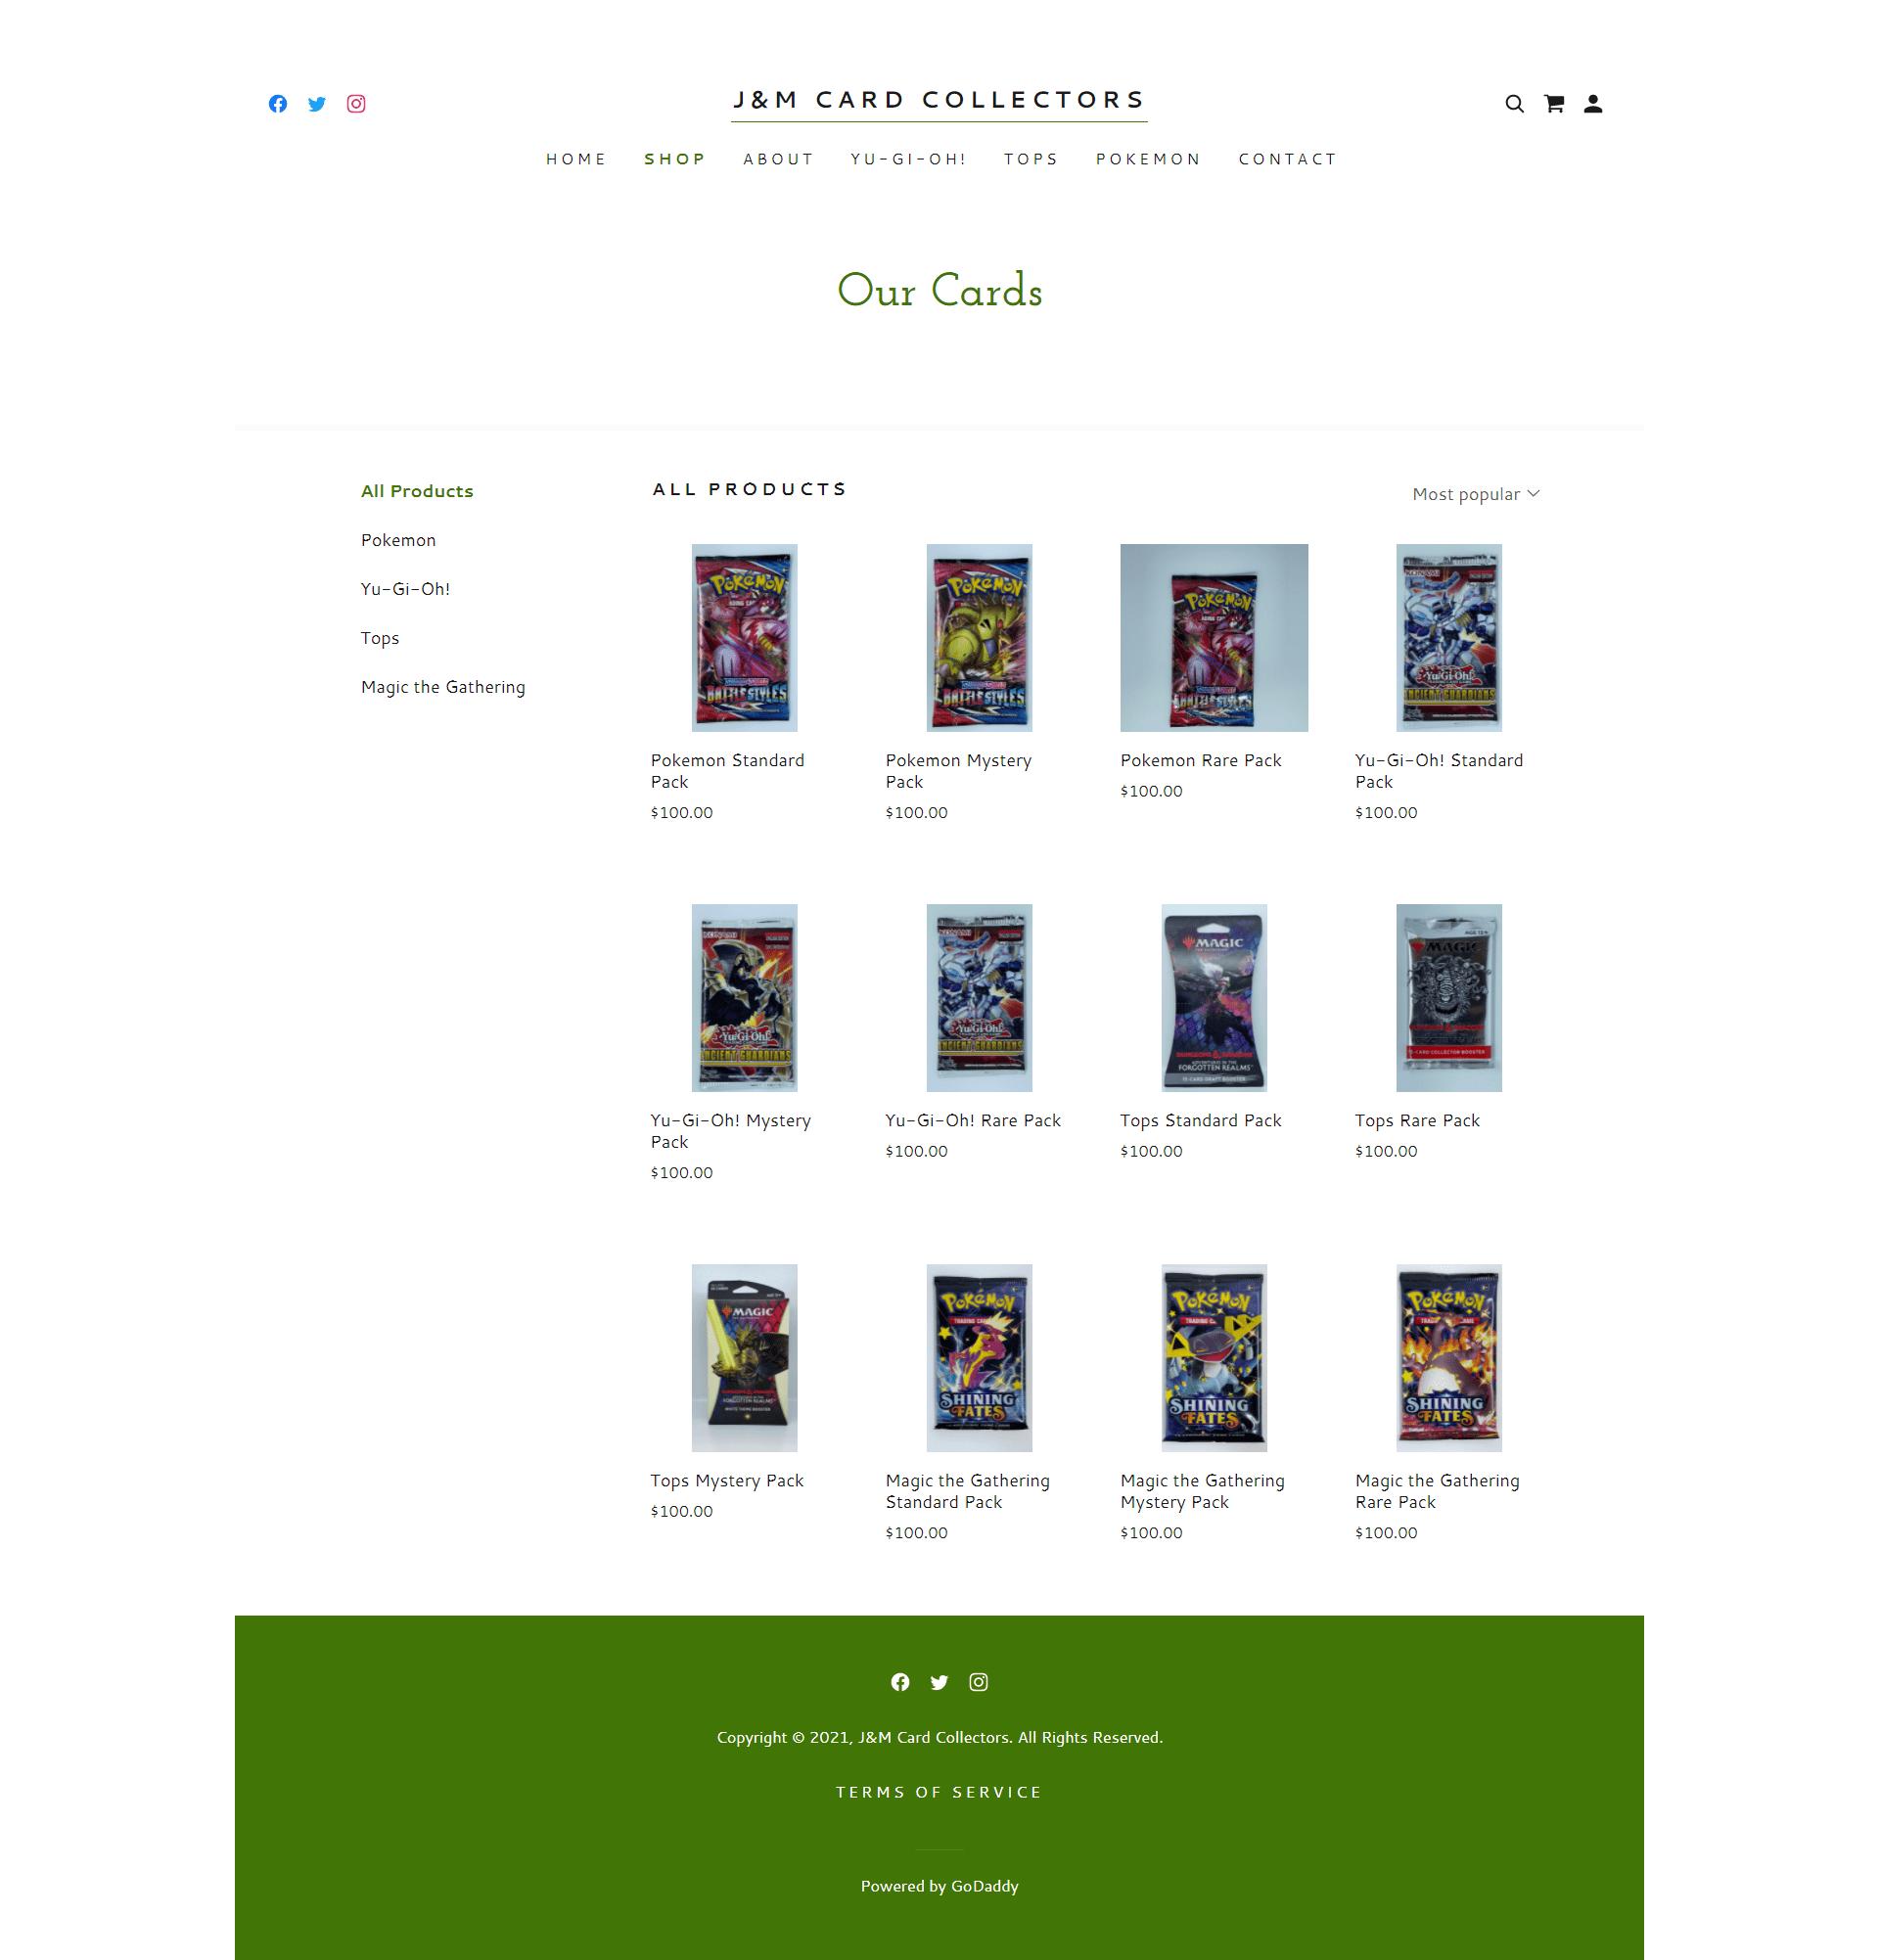 J&M Card Collectors Shop